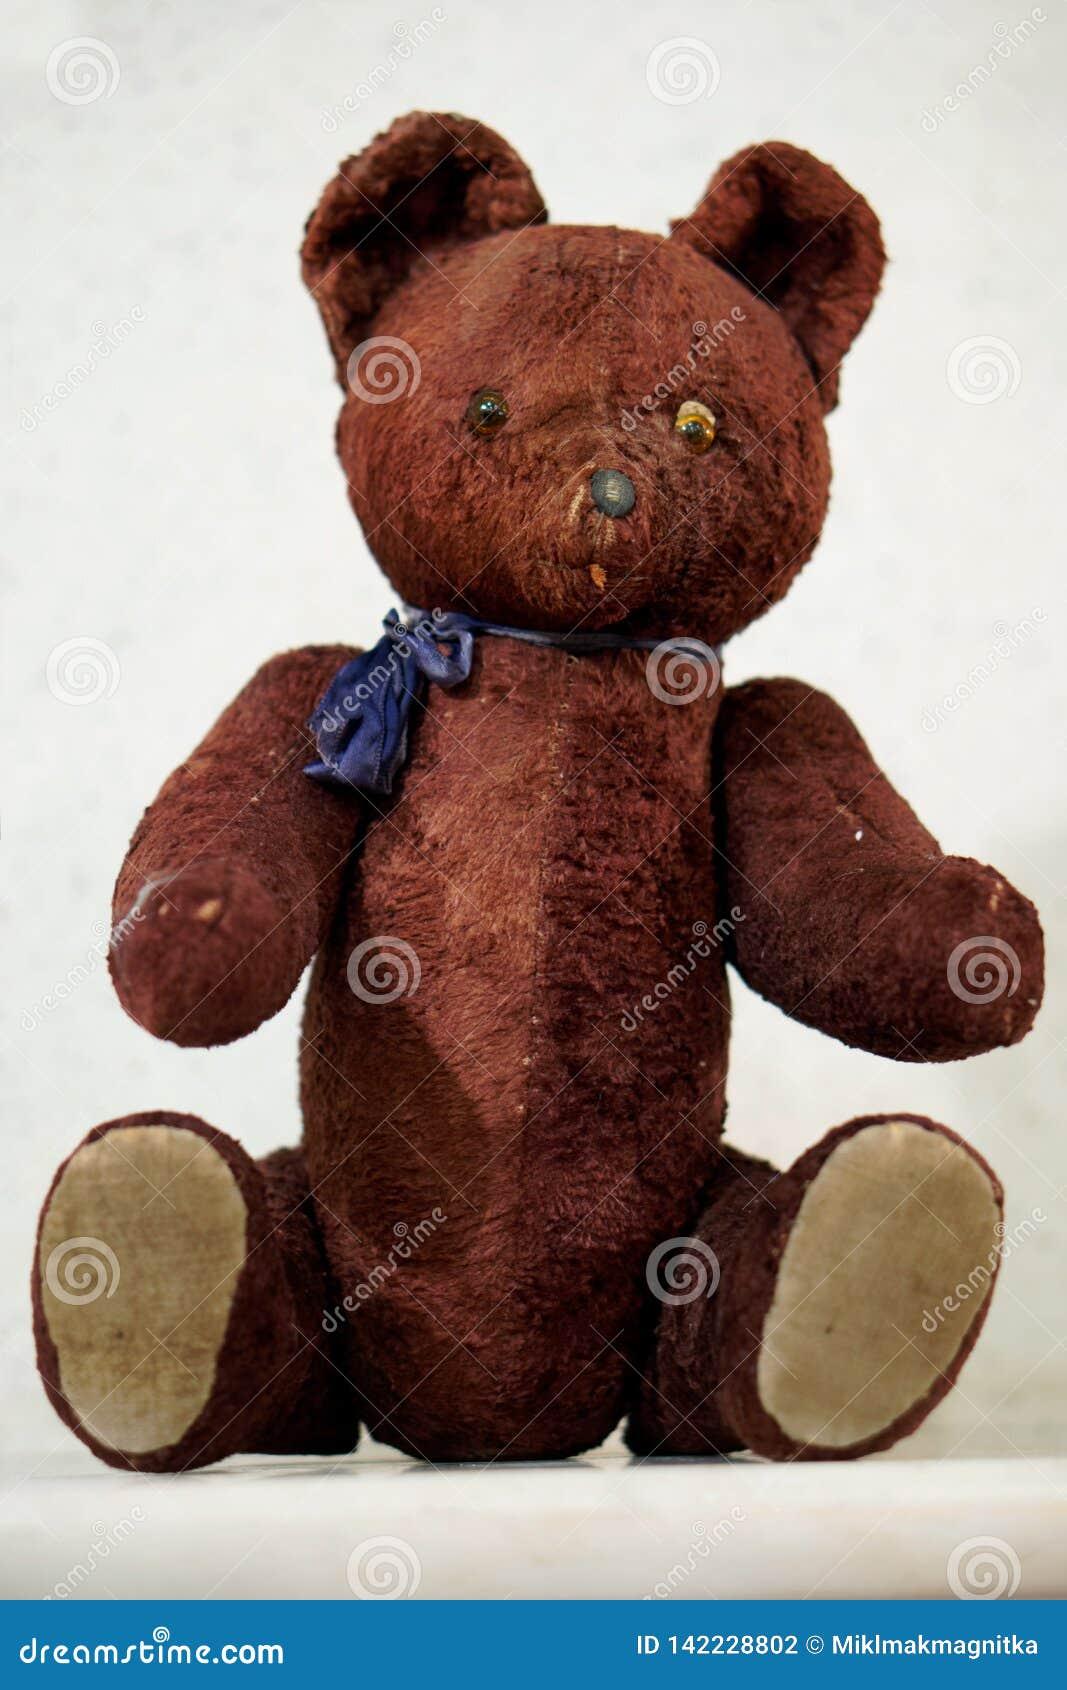 Altes Spielzeug - ein Weinleseplüschbraunbär sitzt auf dem Kaminsims